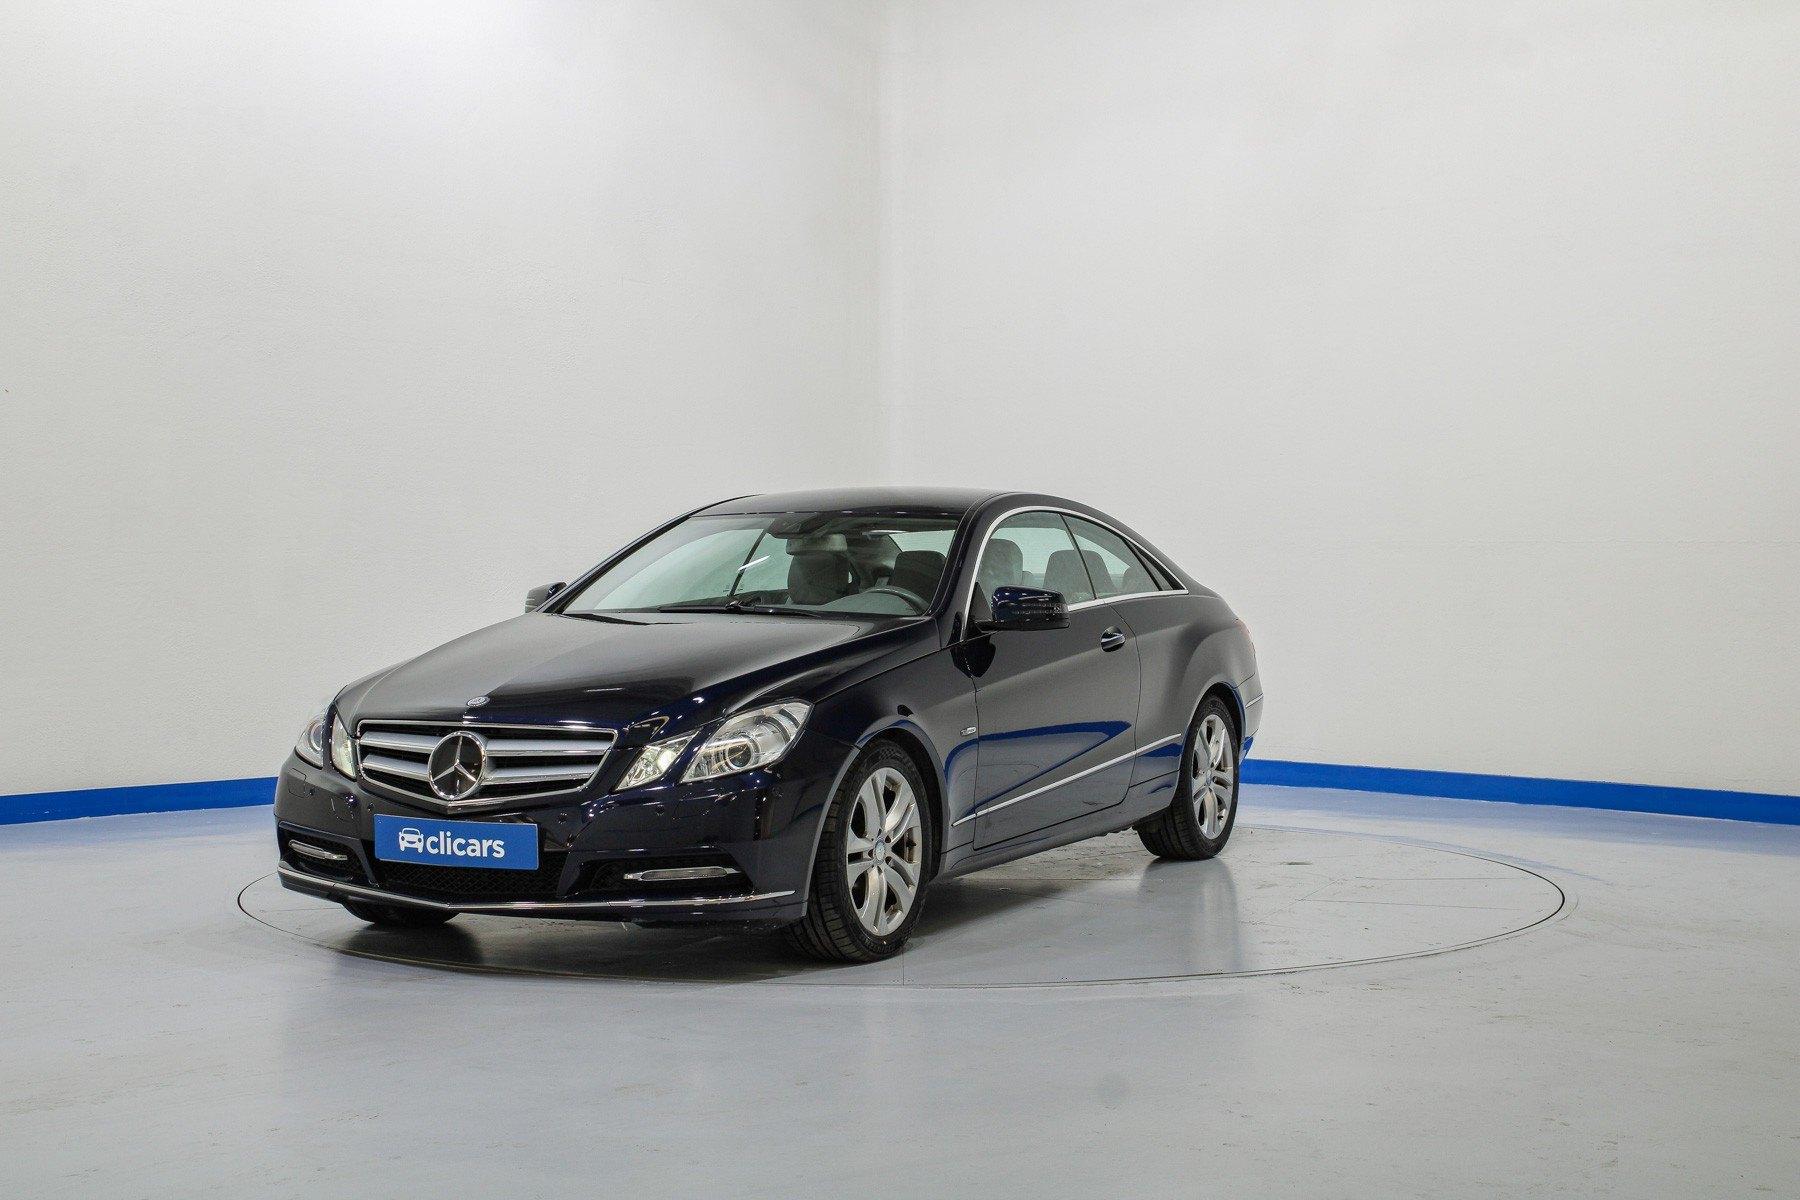 Mercedes Clase E Diésel Coupé E 220 CDI Blue Efficiency Avantg. 1